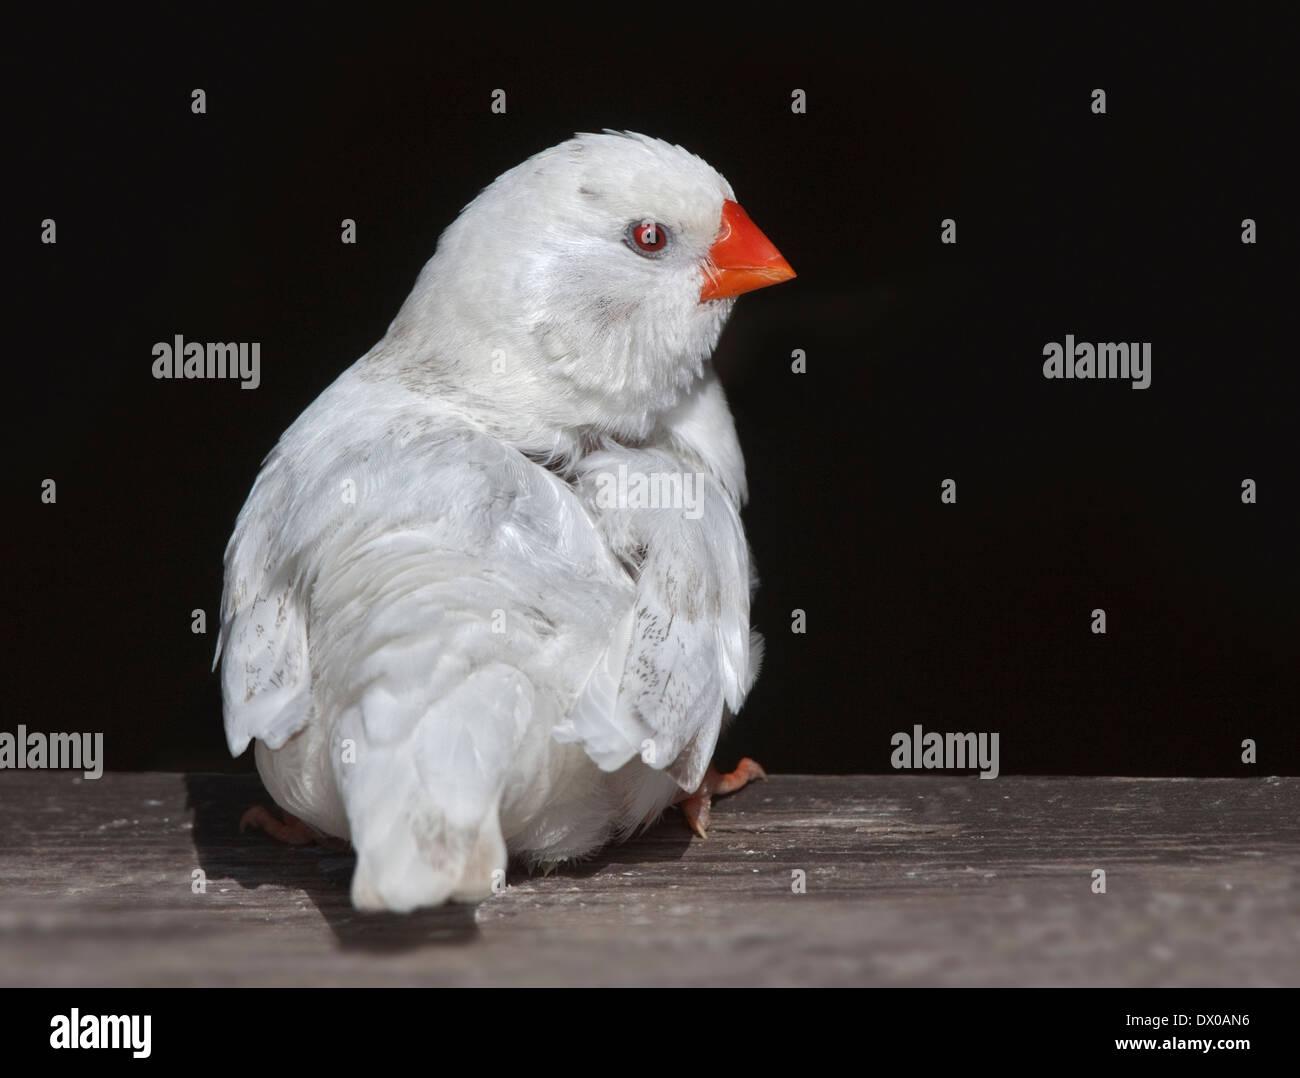 White Zebra Finch (taeniopygia guttata) - Stock Image